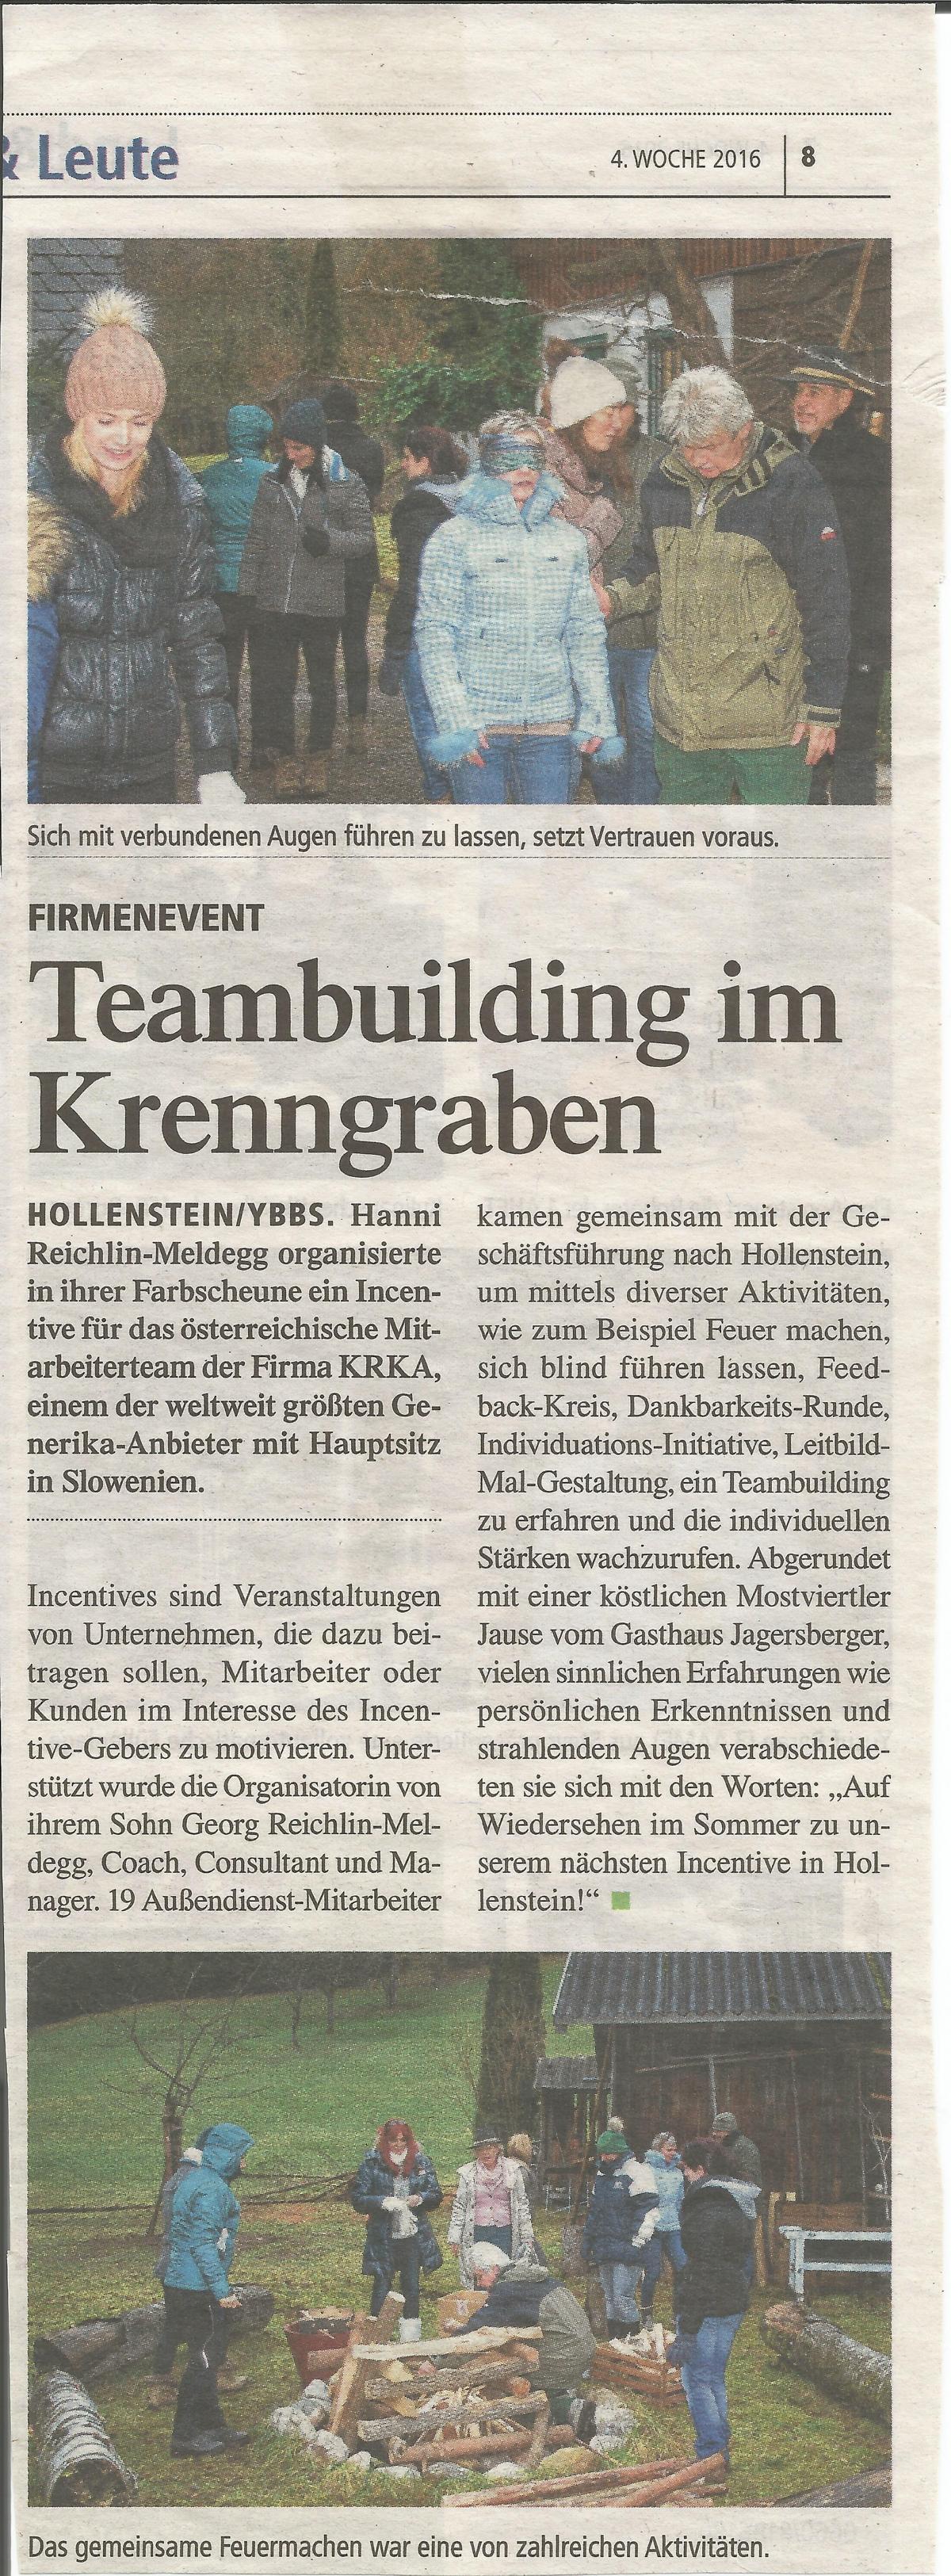 Teambuilding KRKA